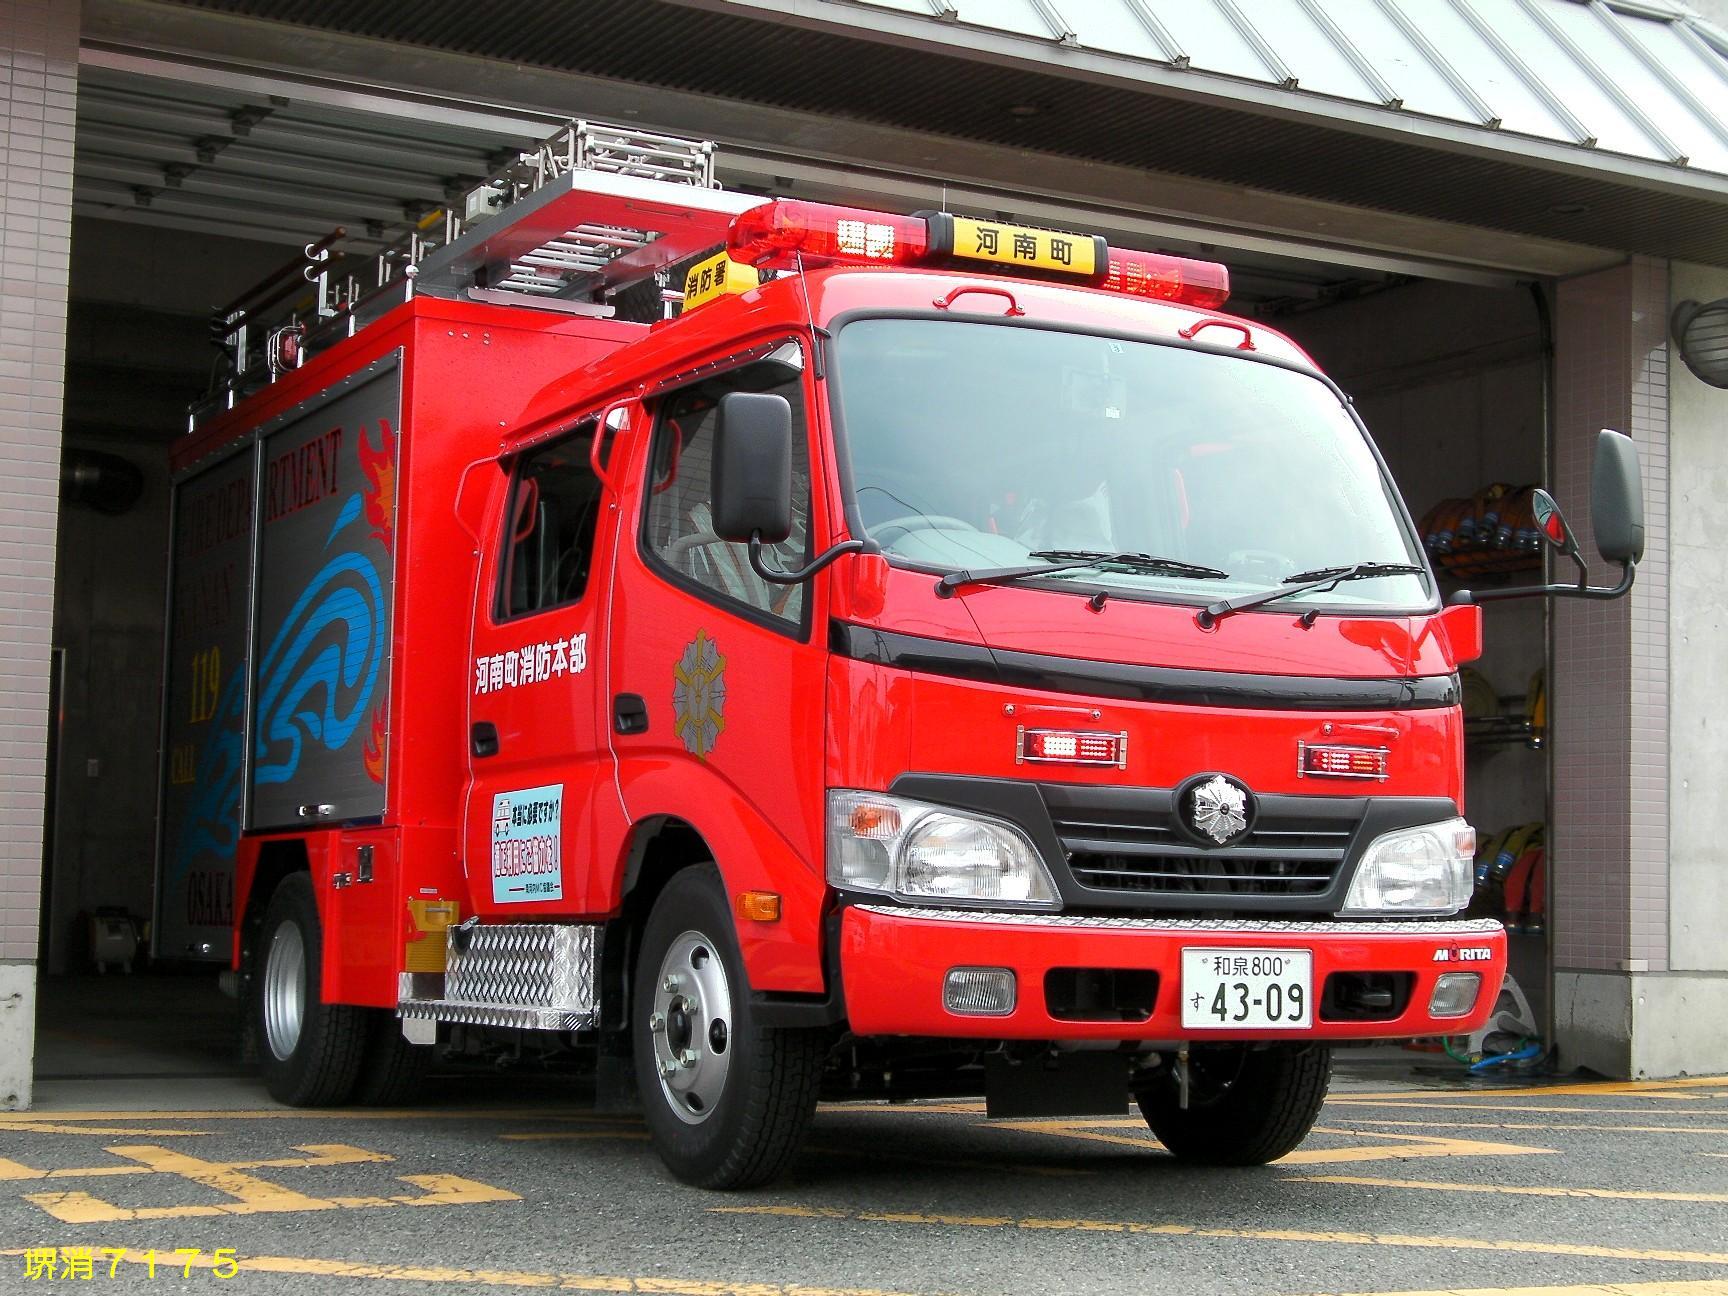 河南町消防本部 : ほのほの堺消7175日記